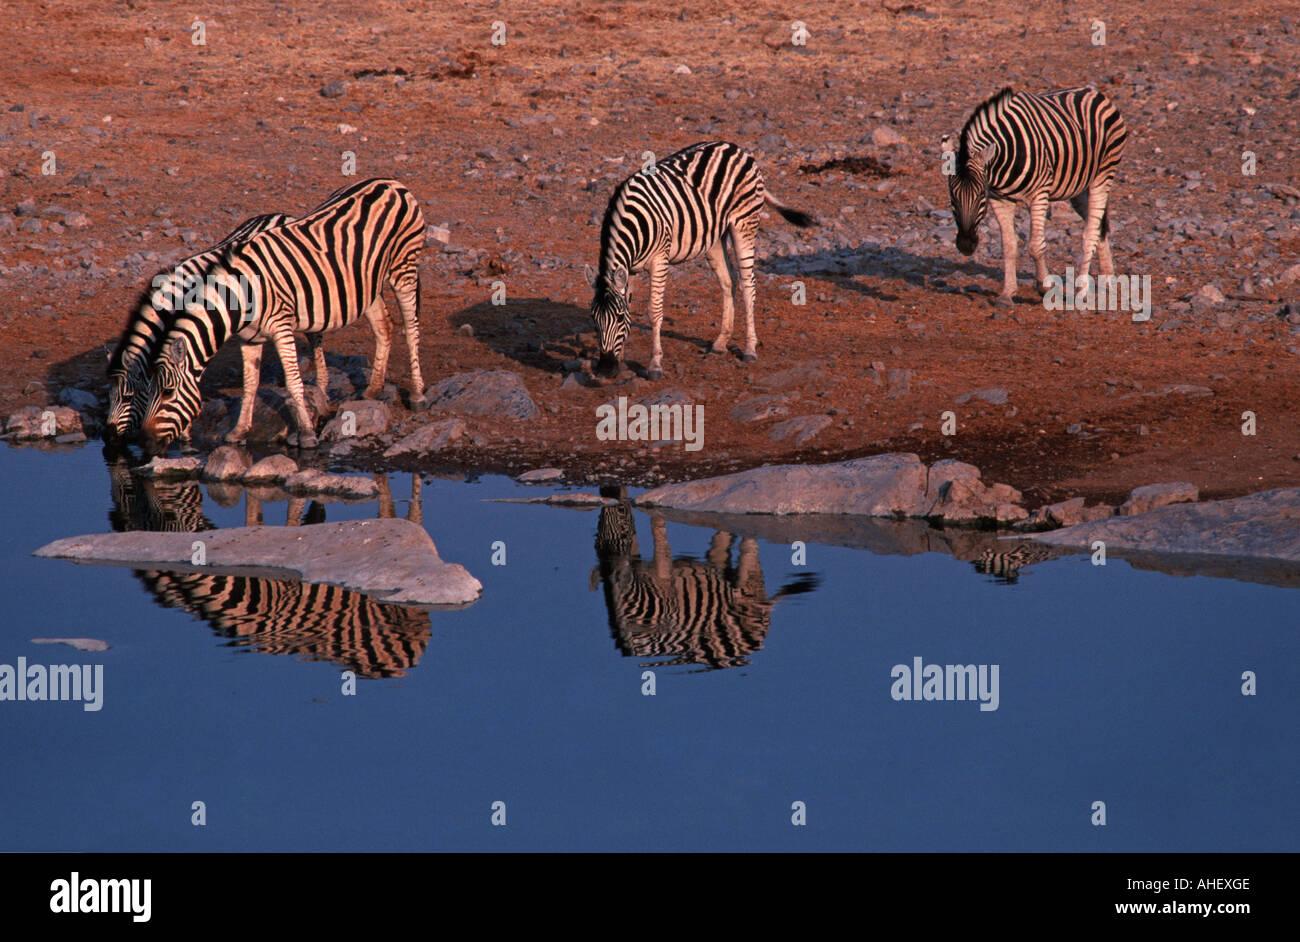 Halali waterhole Halali camp Etosha National Park Namibia Africa Zebra taking a dawn drink Namibia Africa - Stock Image